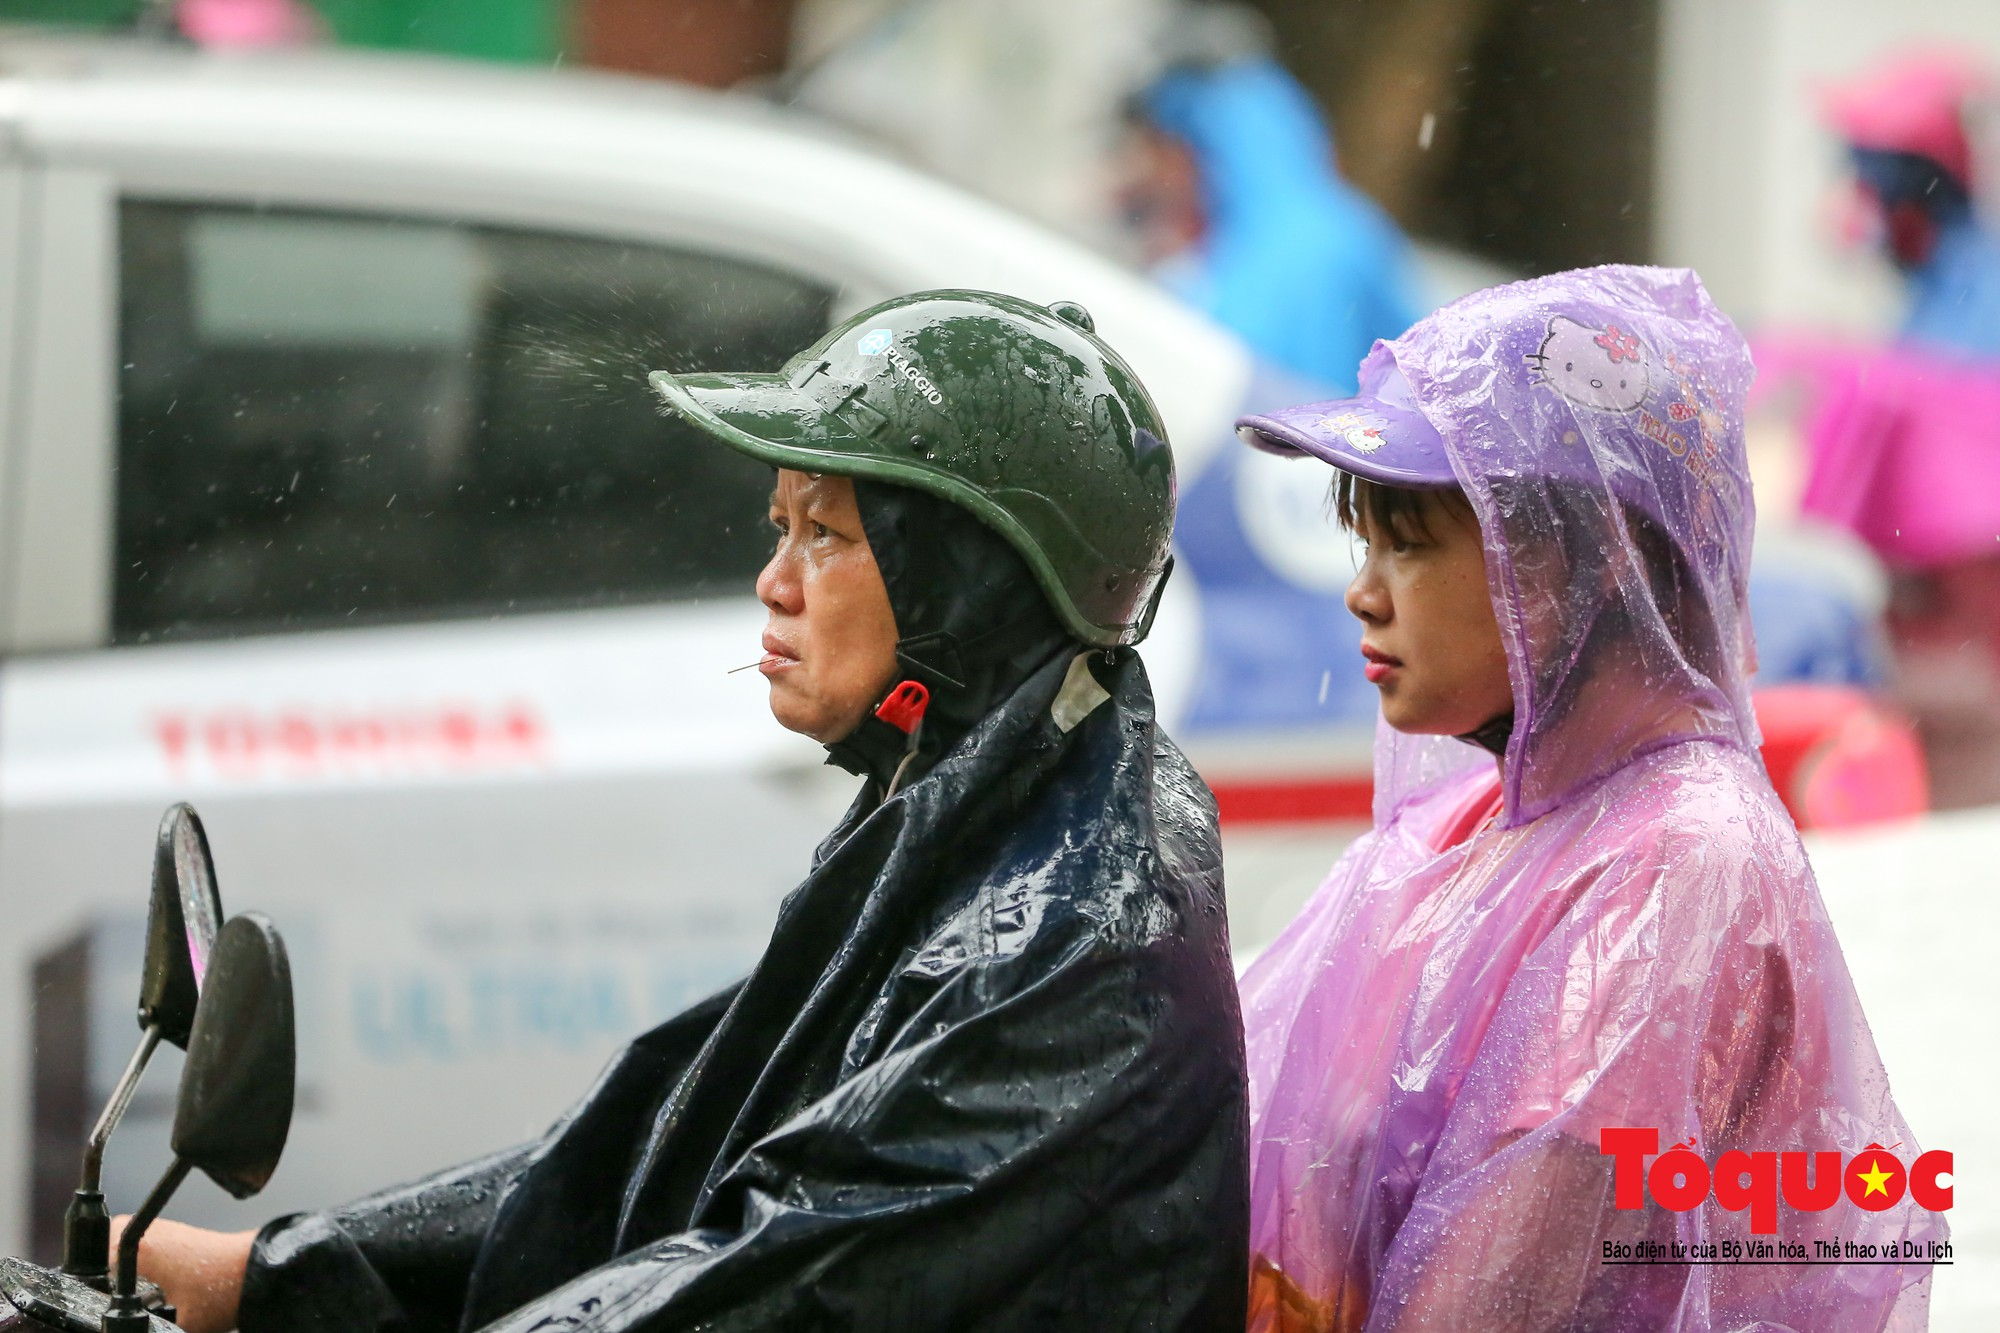 Cơn mưa lớn bất trợt khiến không khí ở thủ đô Hà Nội giảm bụi ô nhiễm nhanh chóng5